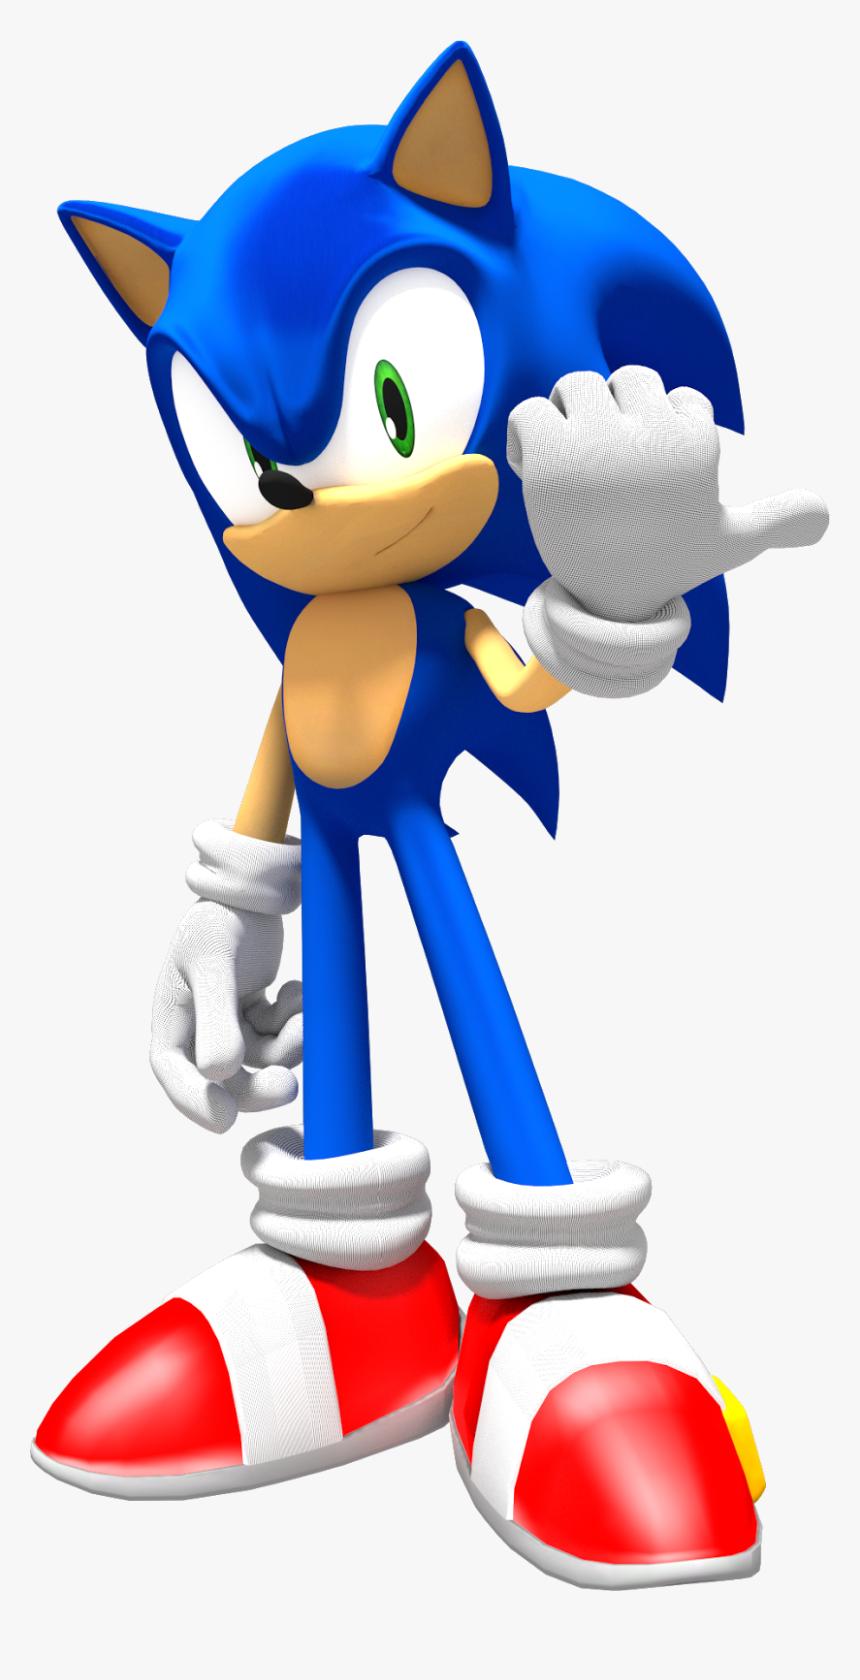 Sonic The Hedgehog Png Transparent Png Transparent Png Image Pngitem